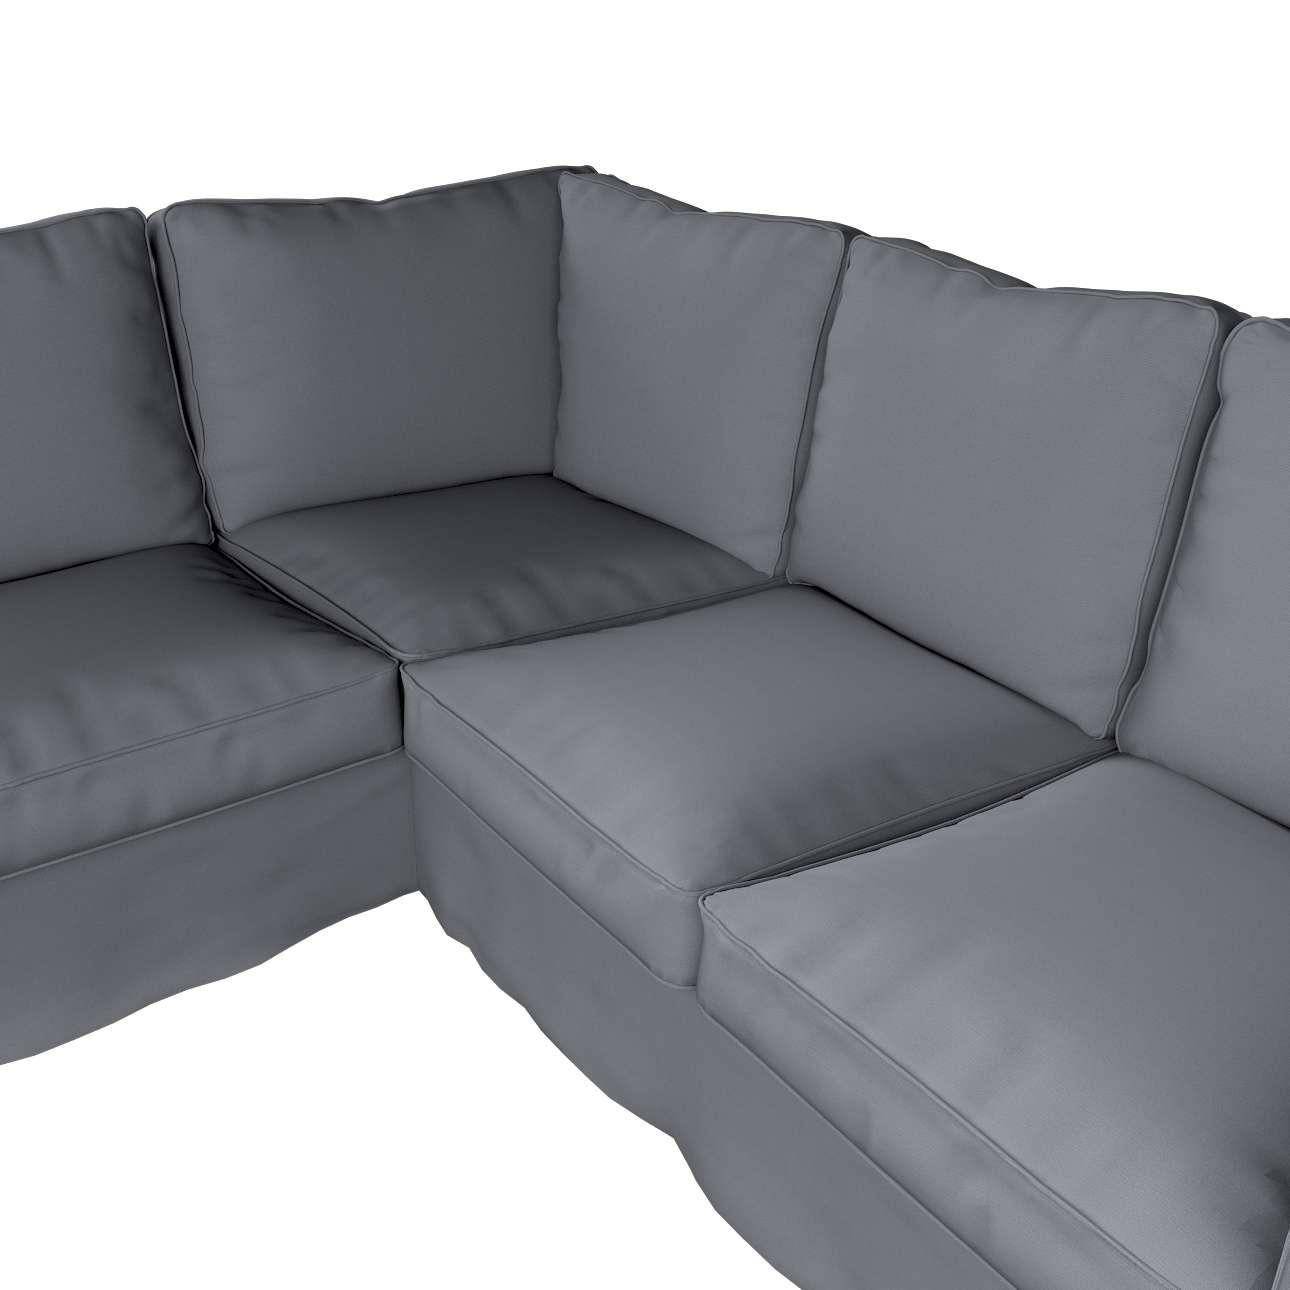 Pokrowiec Ektorp na sofę narożną w kolekcji Cotton Panama, tkanina: 702-07